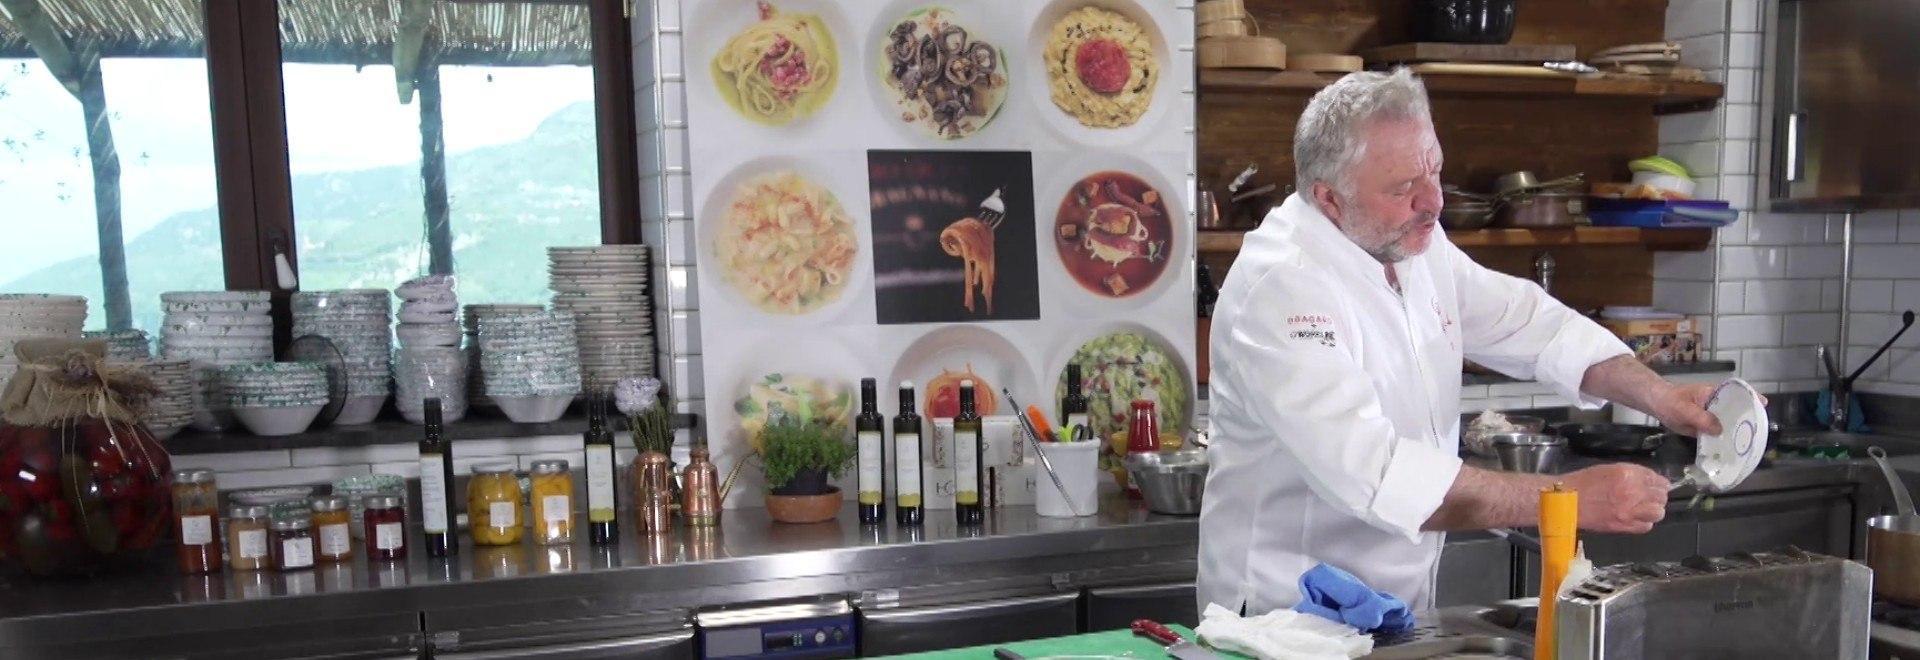 Fazzoletti con ricotta salata / Tiramisù alle fragole